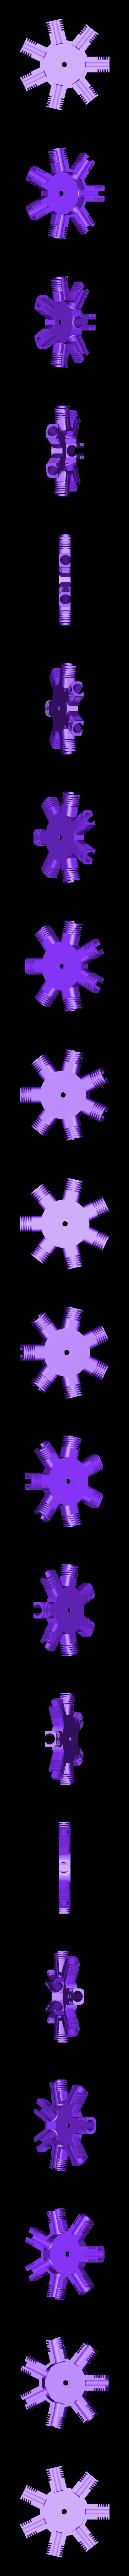 CylinderBlock_7cylinder.stl Télécharger fichier STL gratuit Modèle de moteur radial à 7 cylindres • Design pour imprimante 3D, MinMunchKin